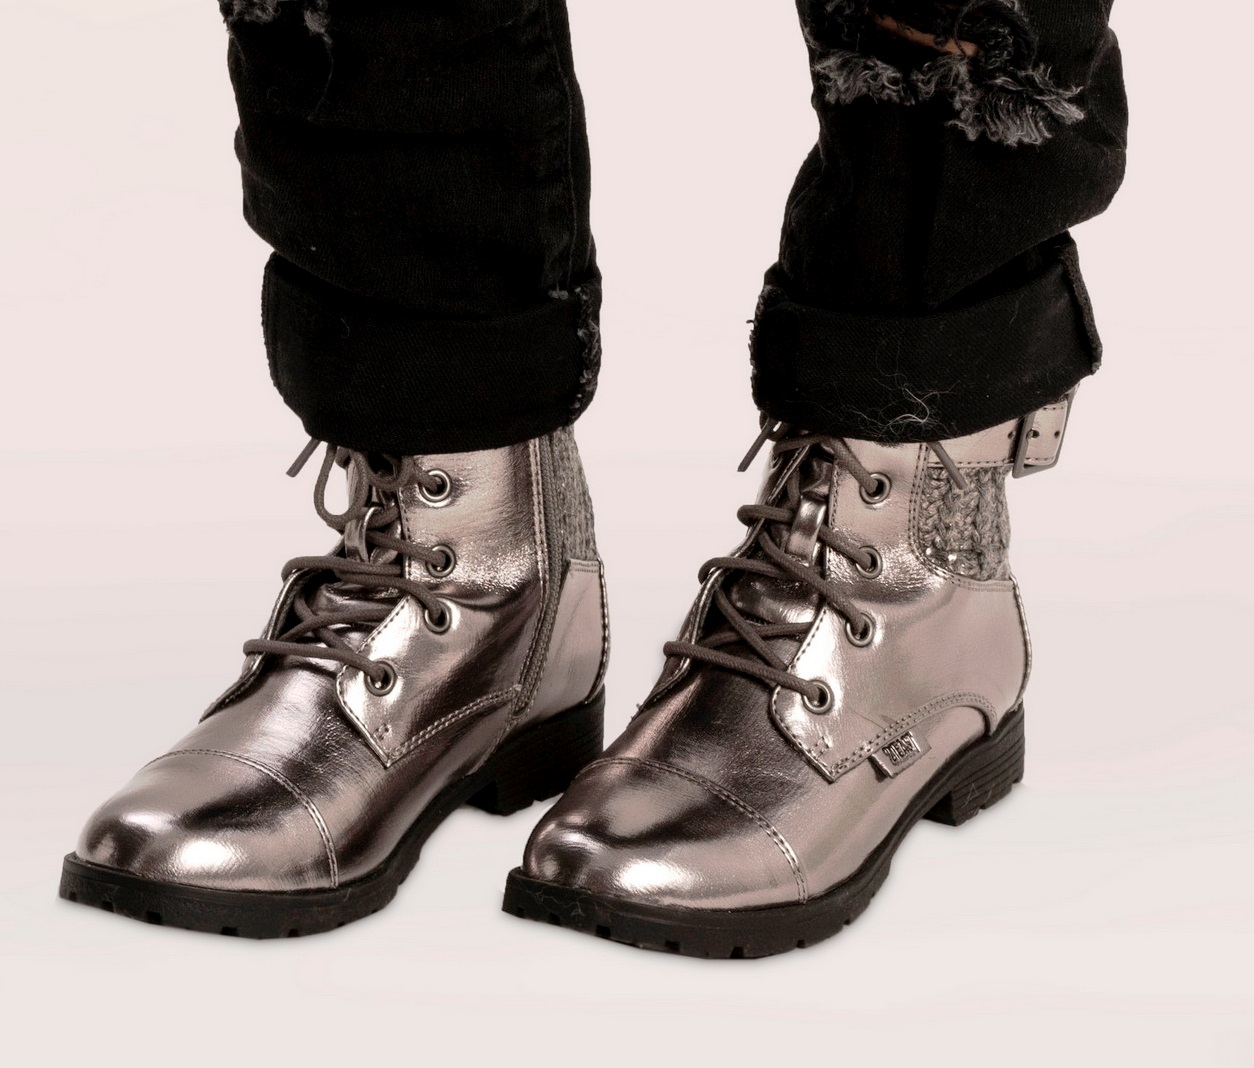 טרנד הצבעים המטאליים. נעלי נמרוד אנד מור. צילום רון קדמי